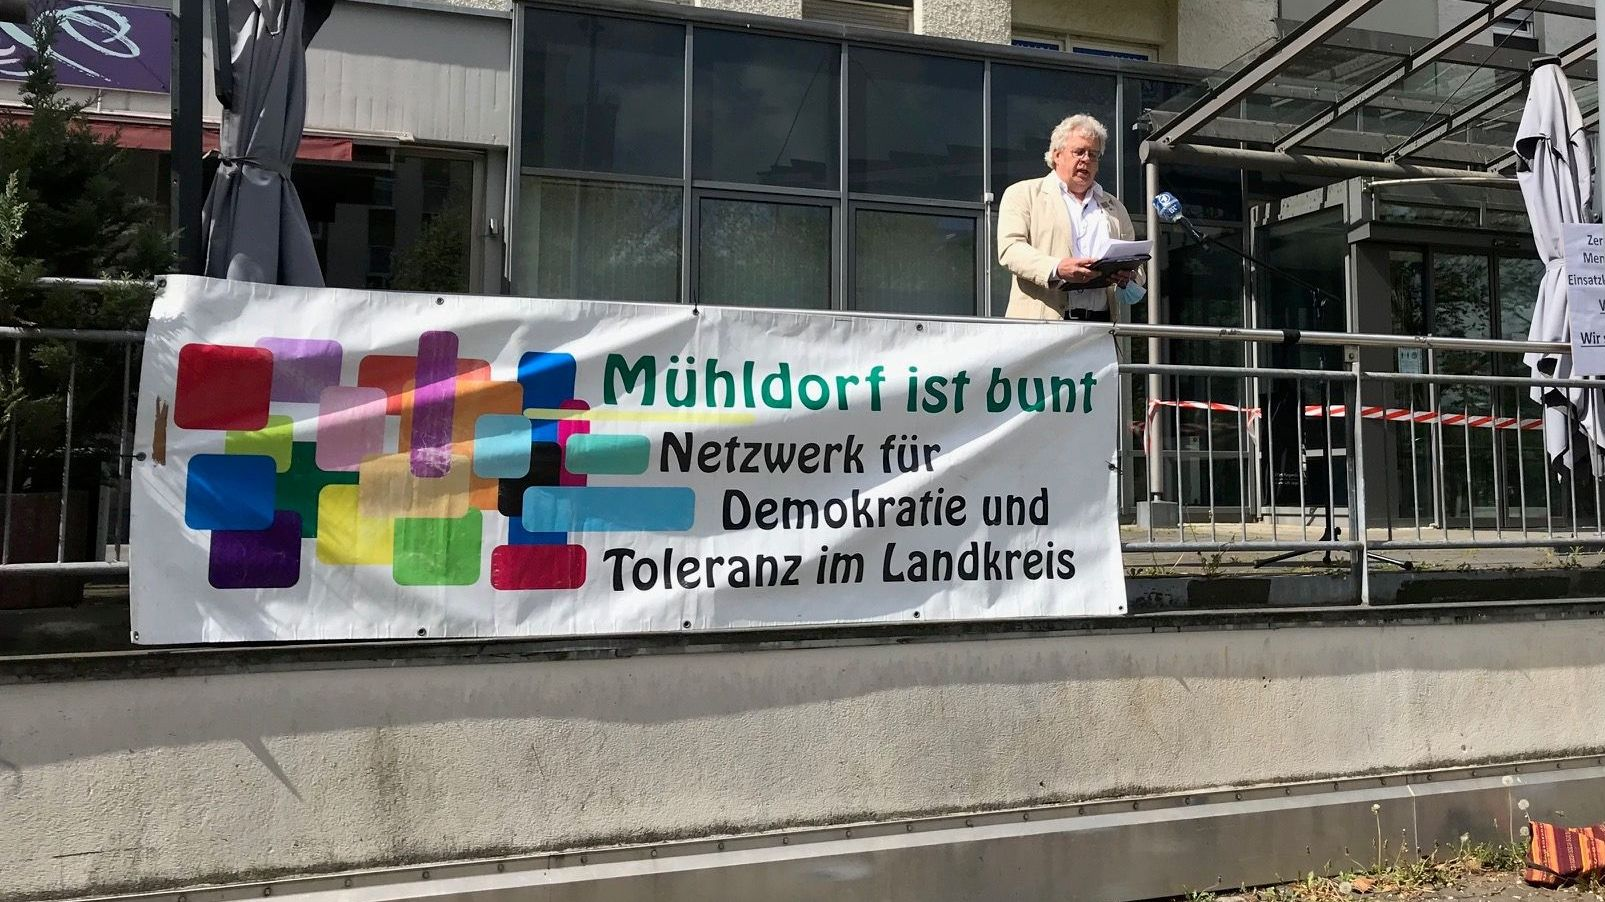 """Hartmuth Lang vom Netzwerk """"Mühldorf ist bunt e.V."""" am 02.05.2020 bei der Solidaritätskundgebung in Waldkraiburg."""